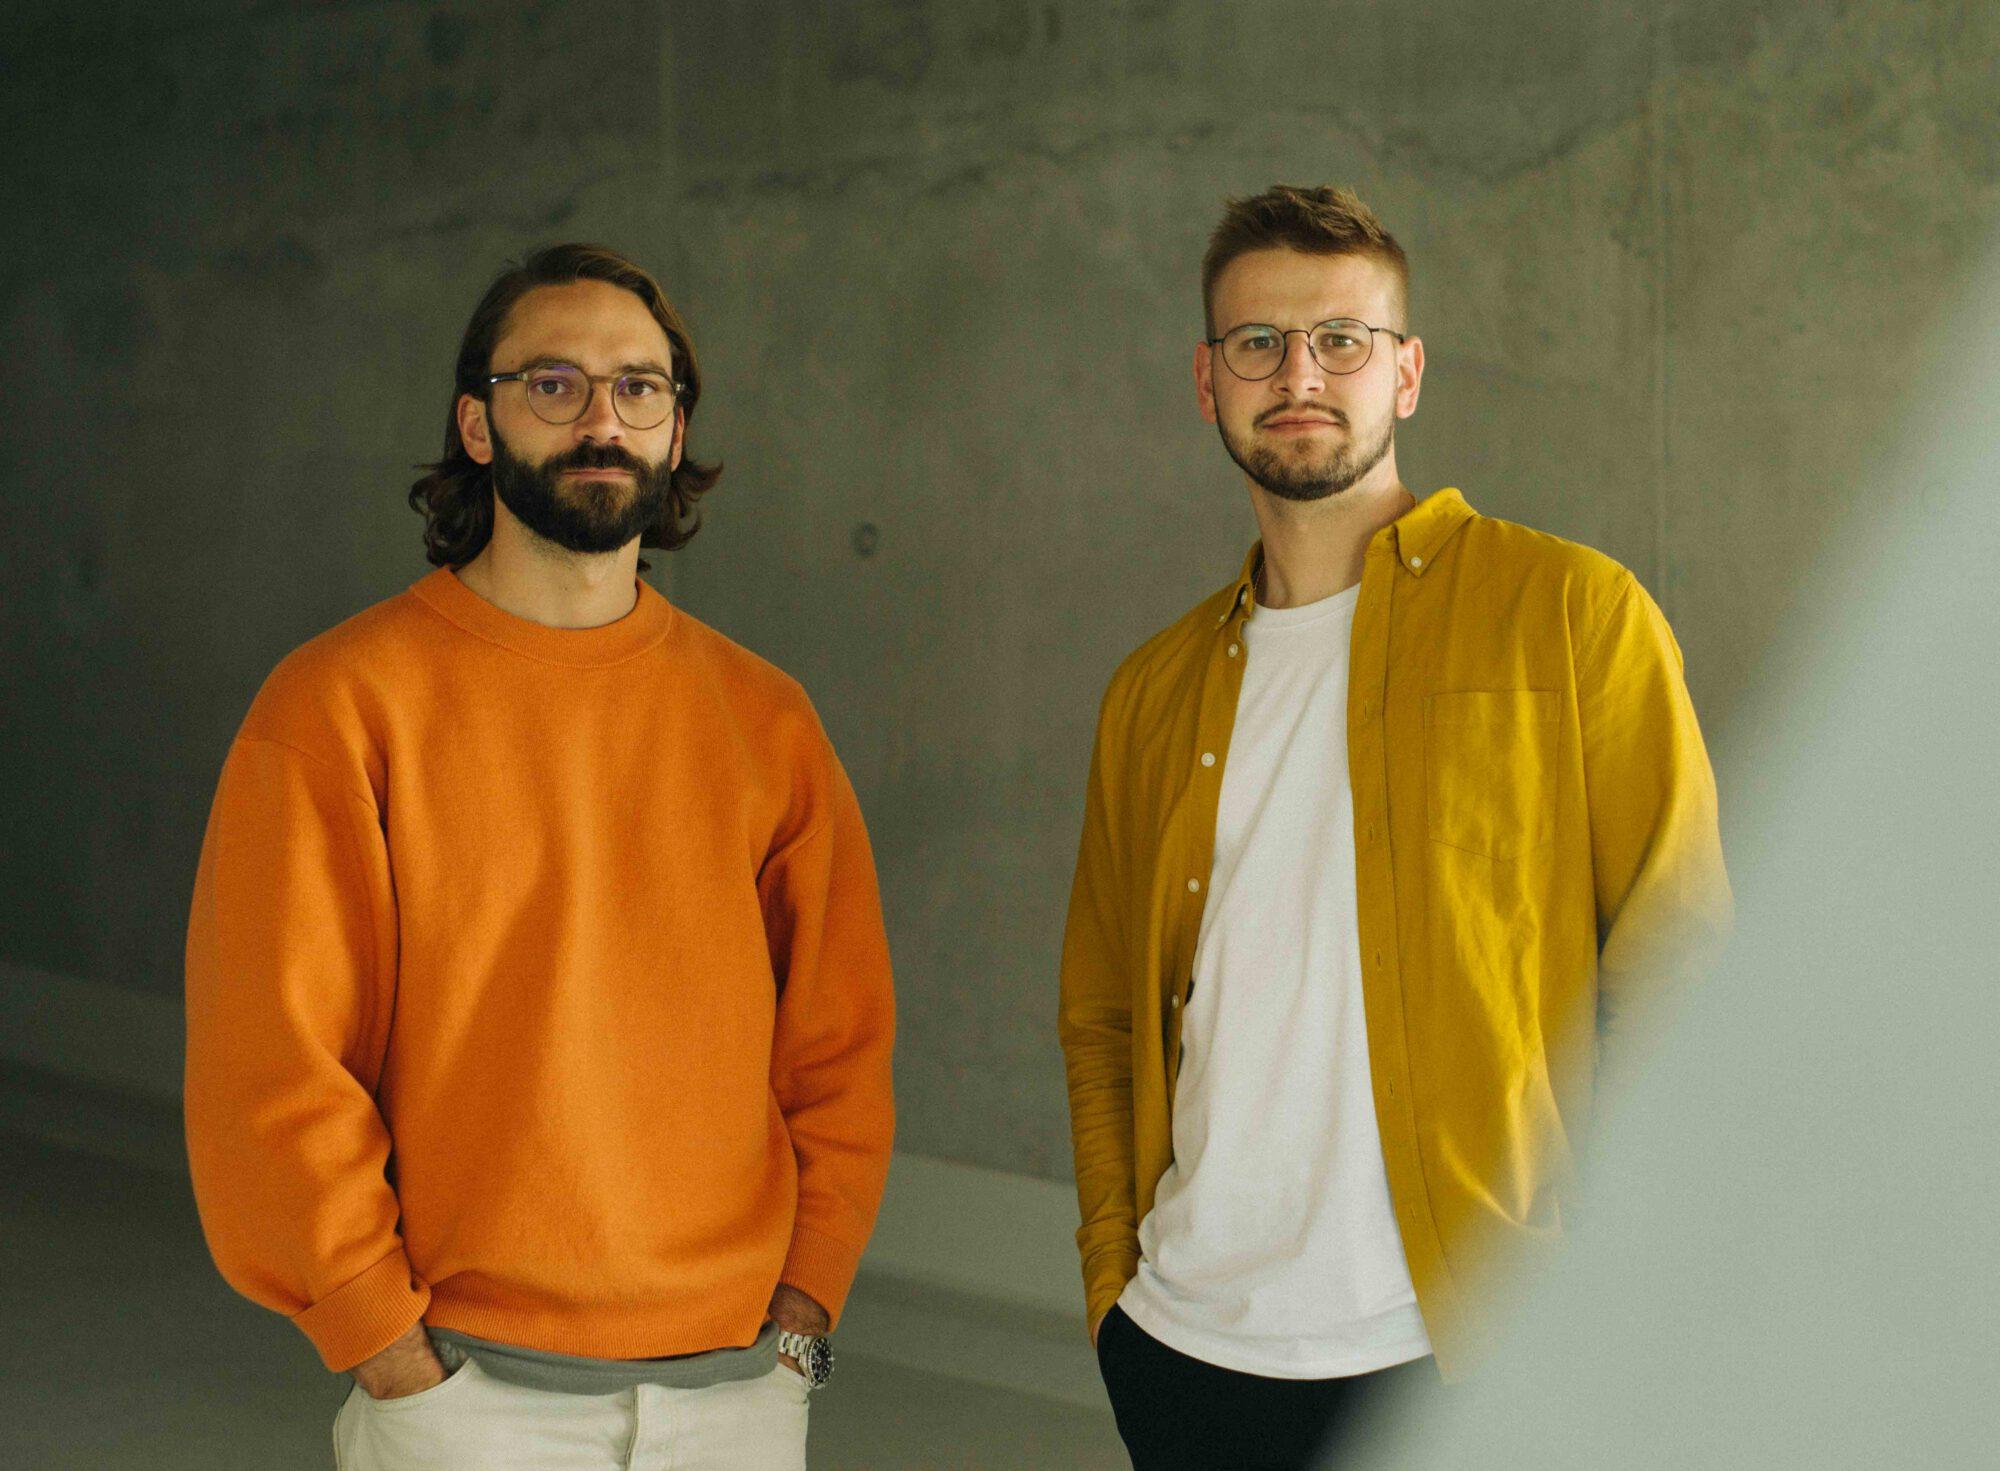 Die Geschäftsführer Christian Nicolaus und Felix Bareis des Studios Bareis + Nicolaus mit sitz in Hamburg und Stuttgart